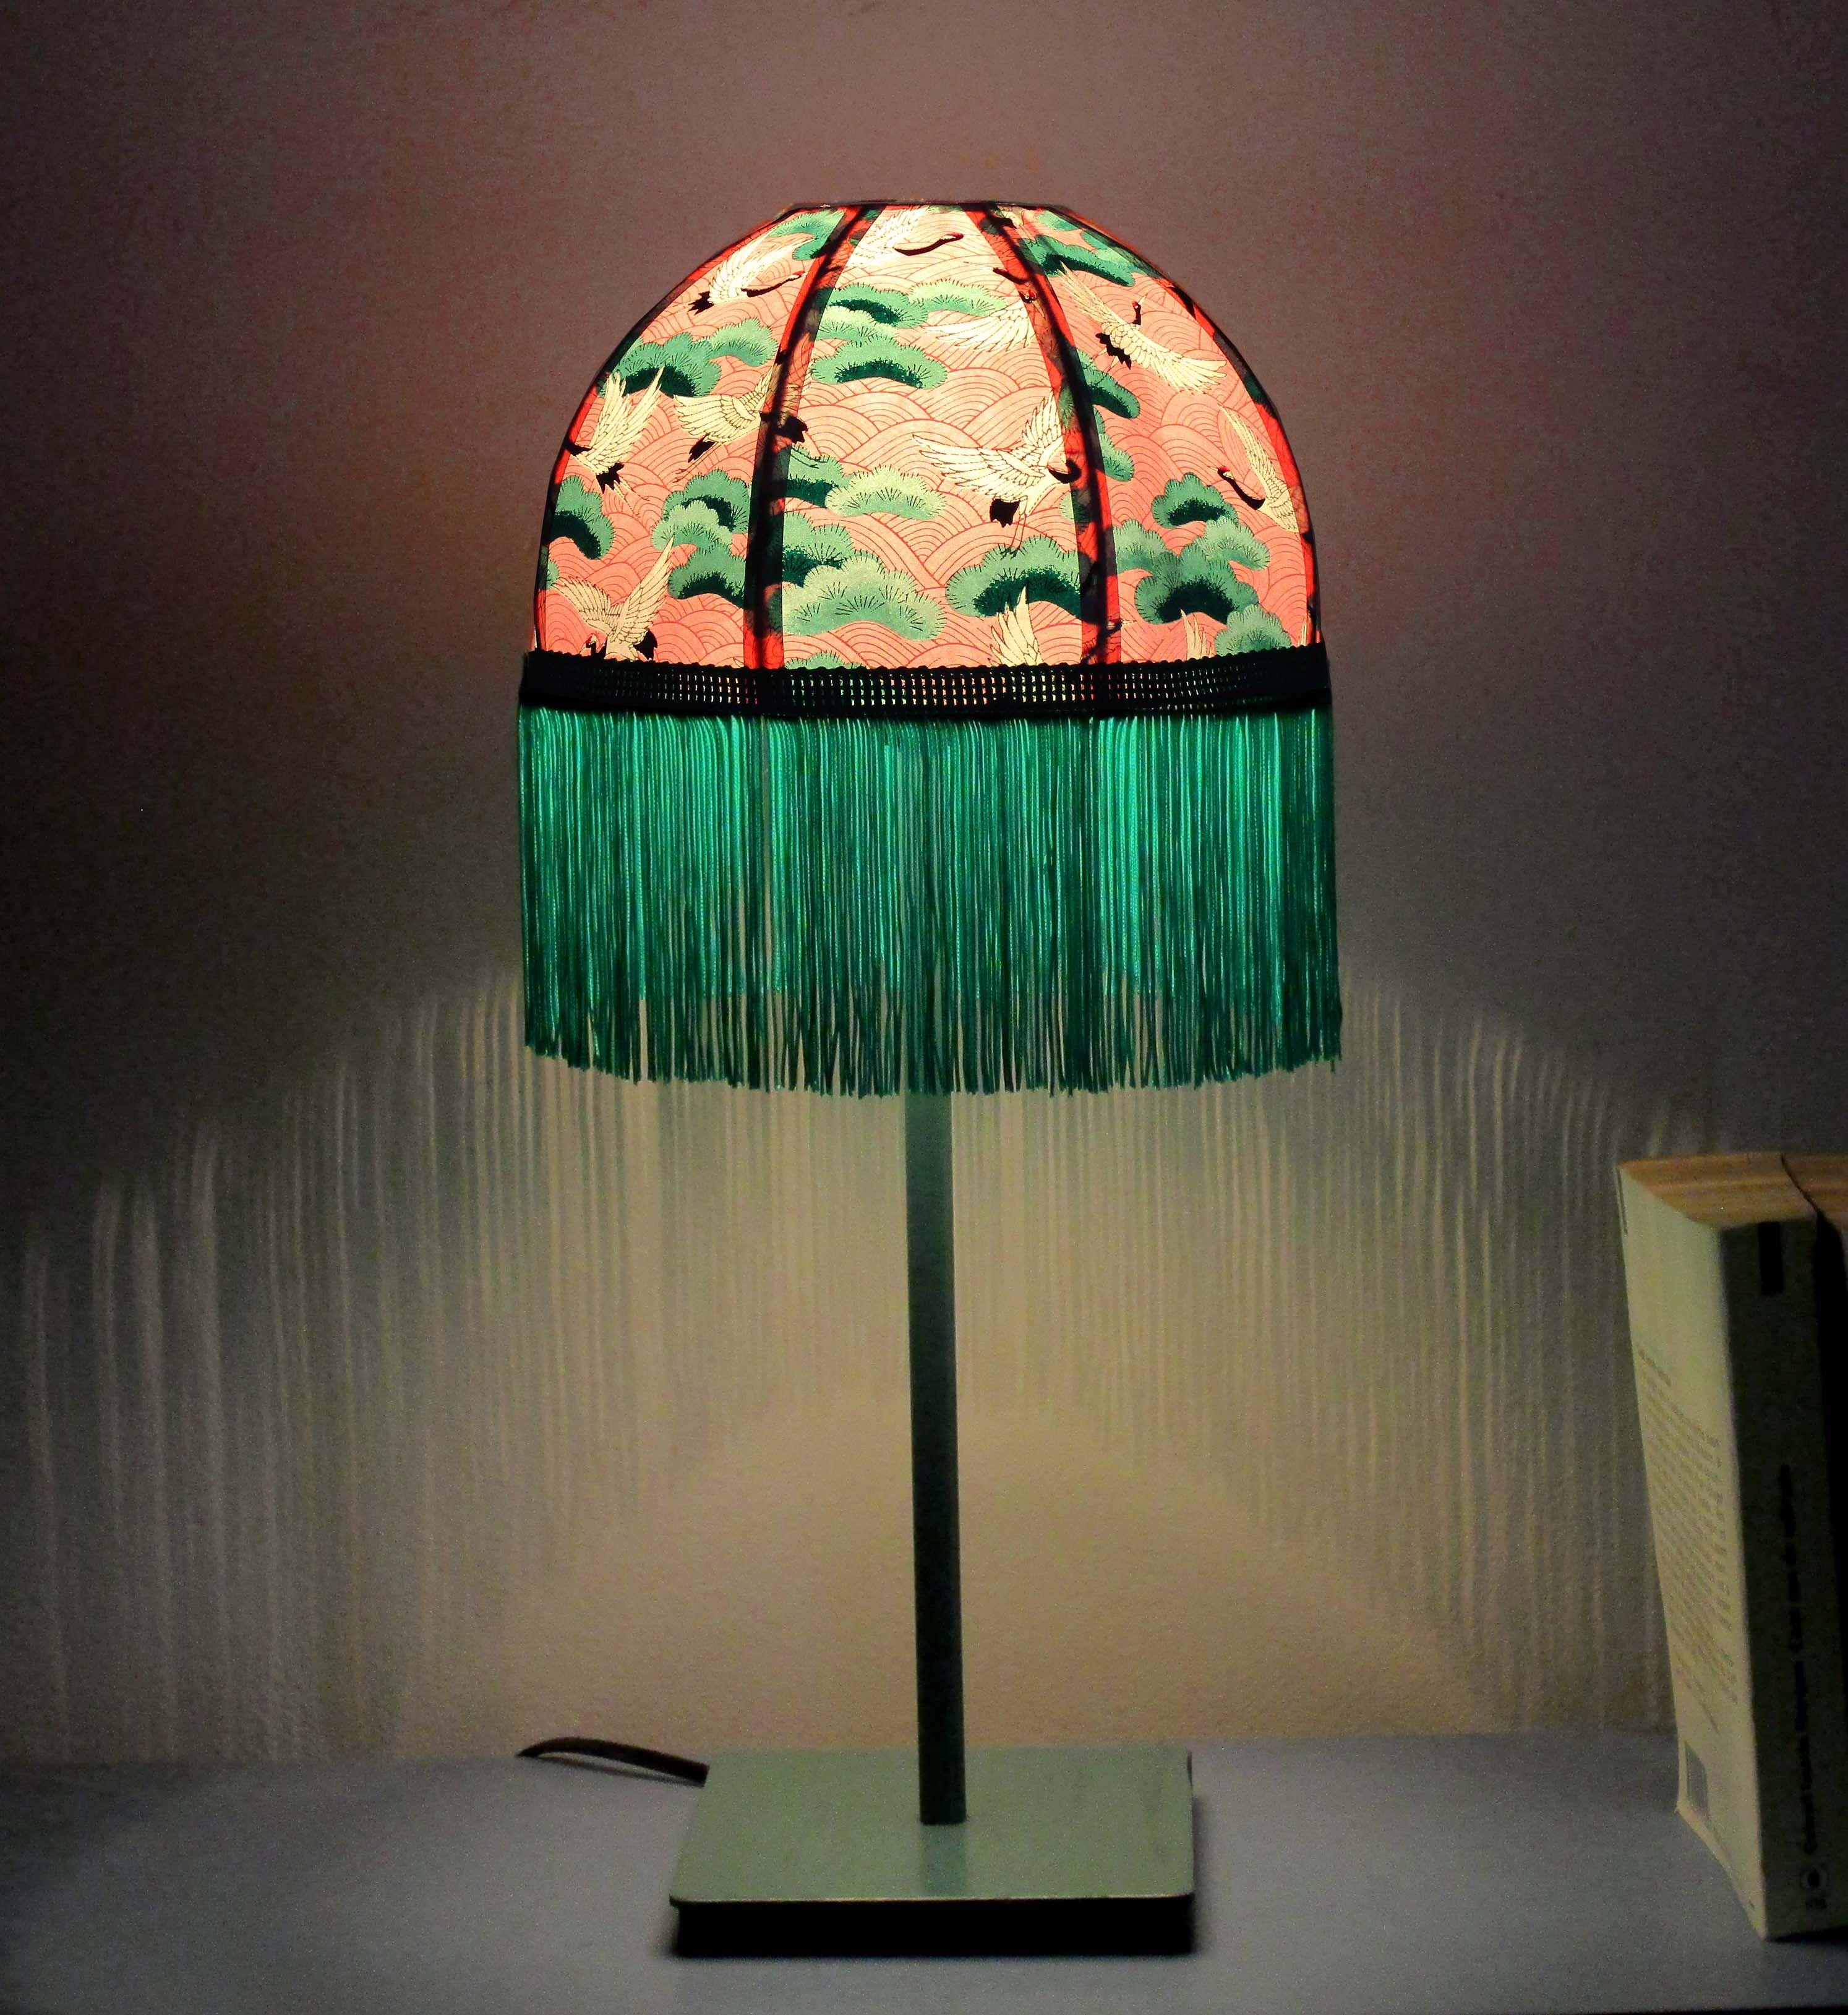 Lampe Retro Abat Jour Dome En Papier Japonais Grues Sur Fond Rose Longue Frange Verte Pied Metal Vert Lampes Victoriennes Lampe De Chevet Lampes D Epoque